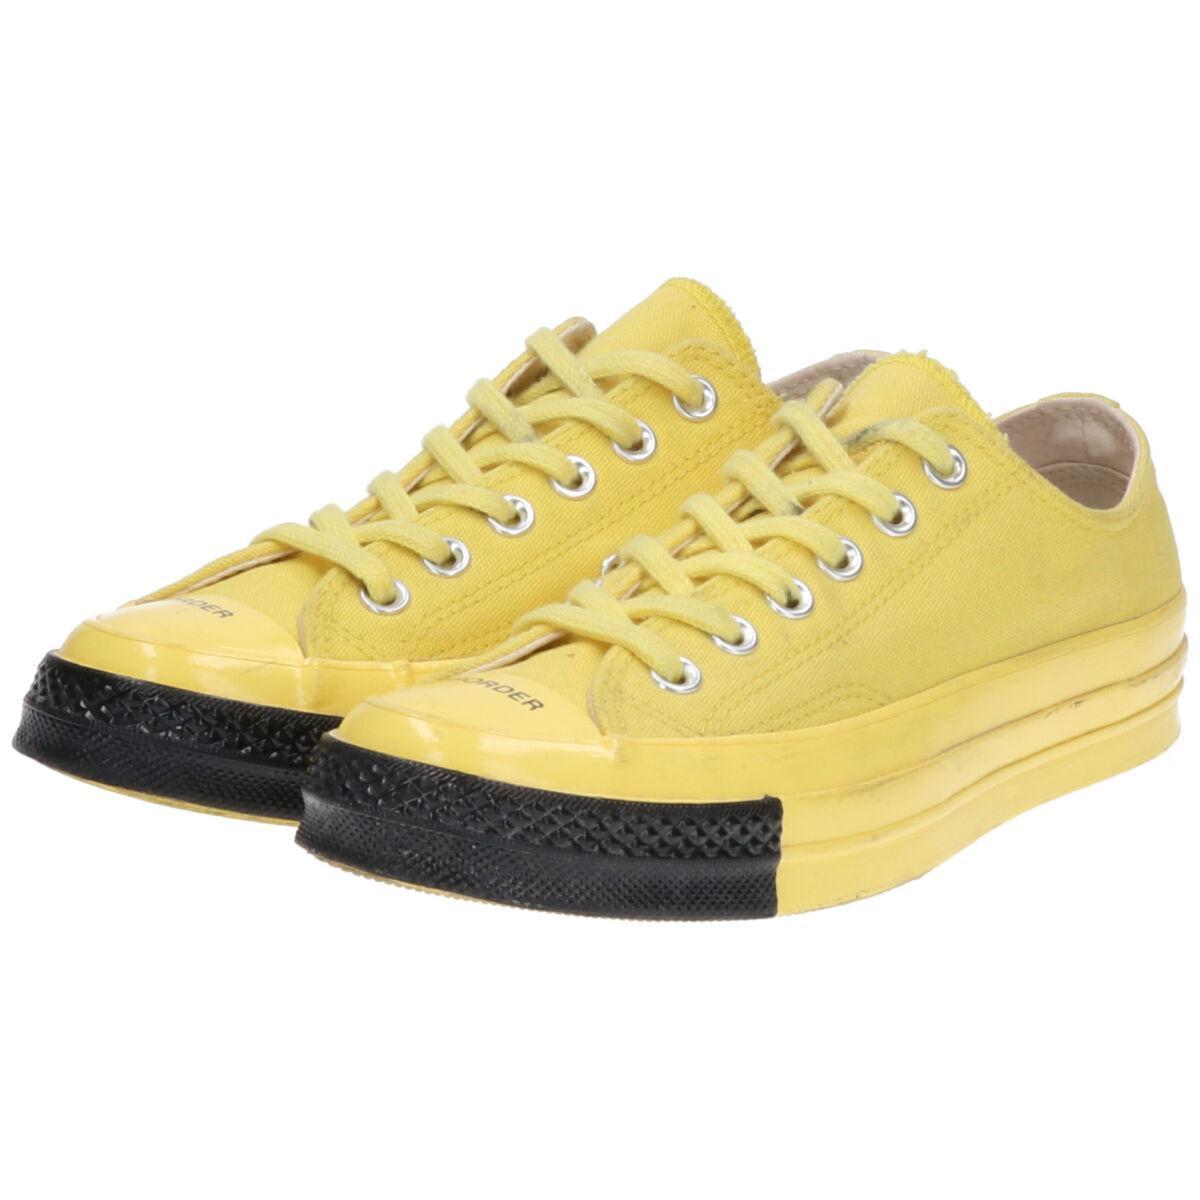 レディース靴, スニーカー  CONVERSEUNDER COVER CHUCK TAYLOR ALL STAR CT70 US5 24.0cm saa005083 210502